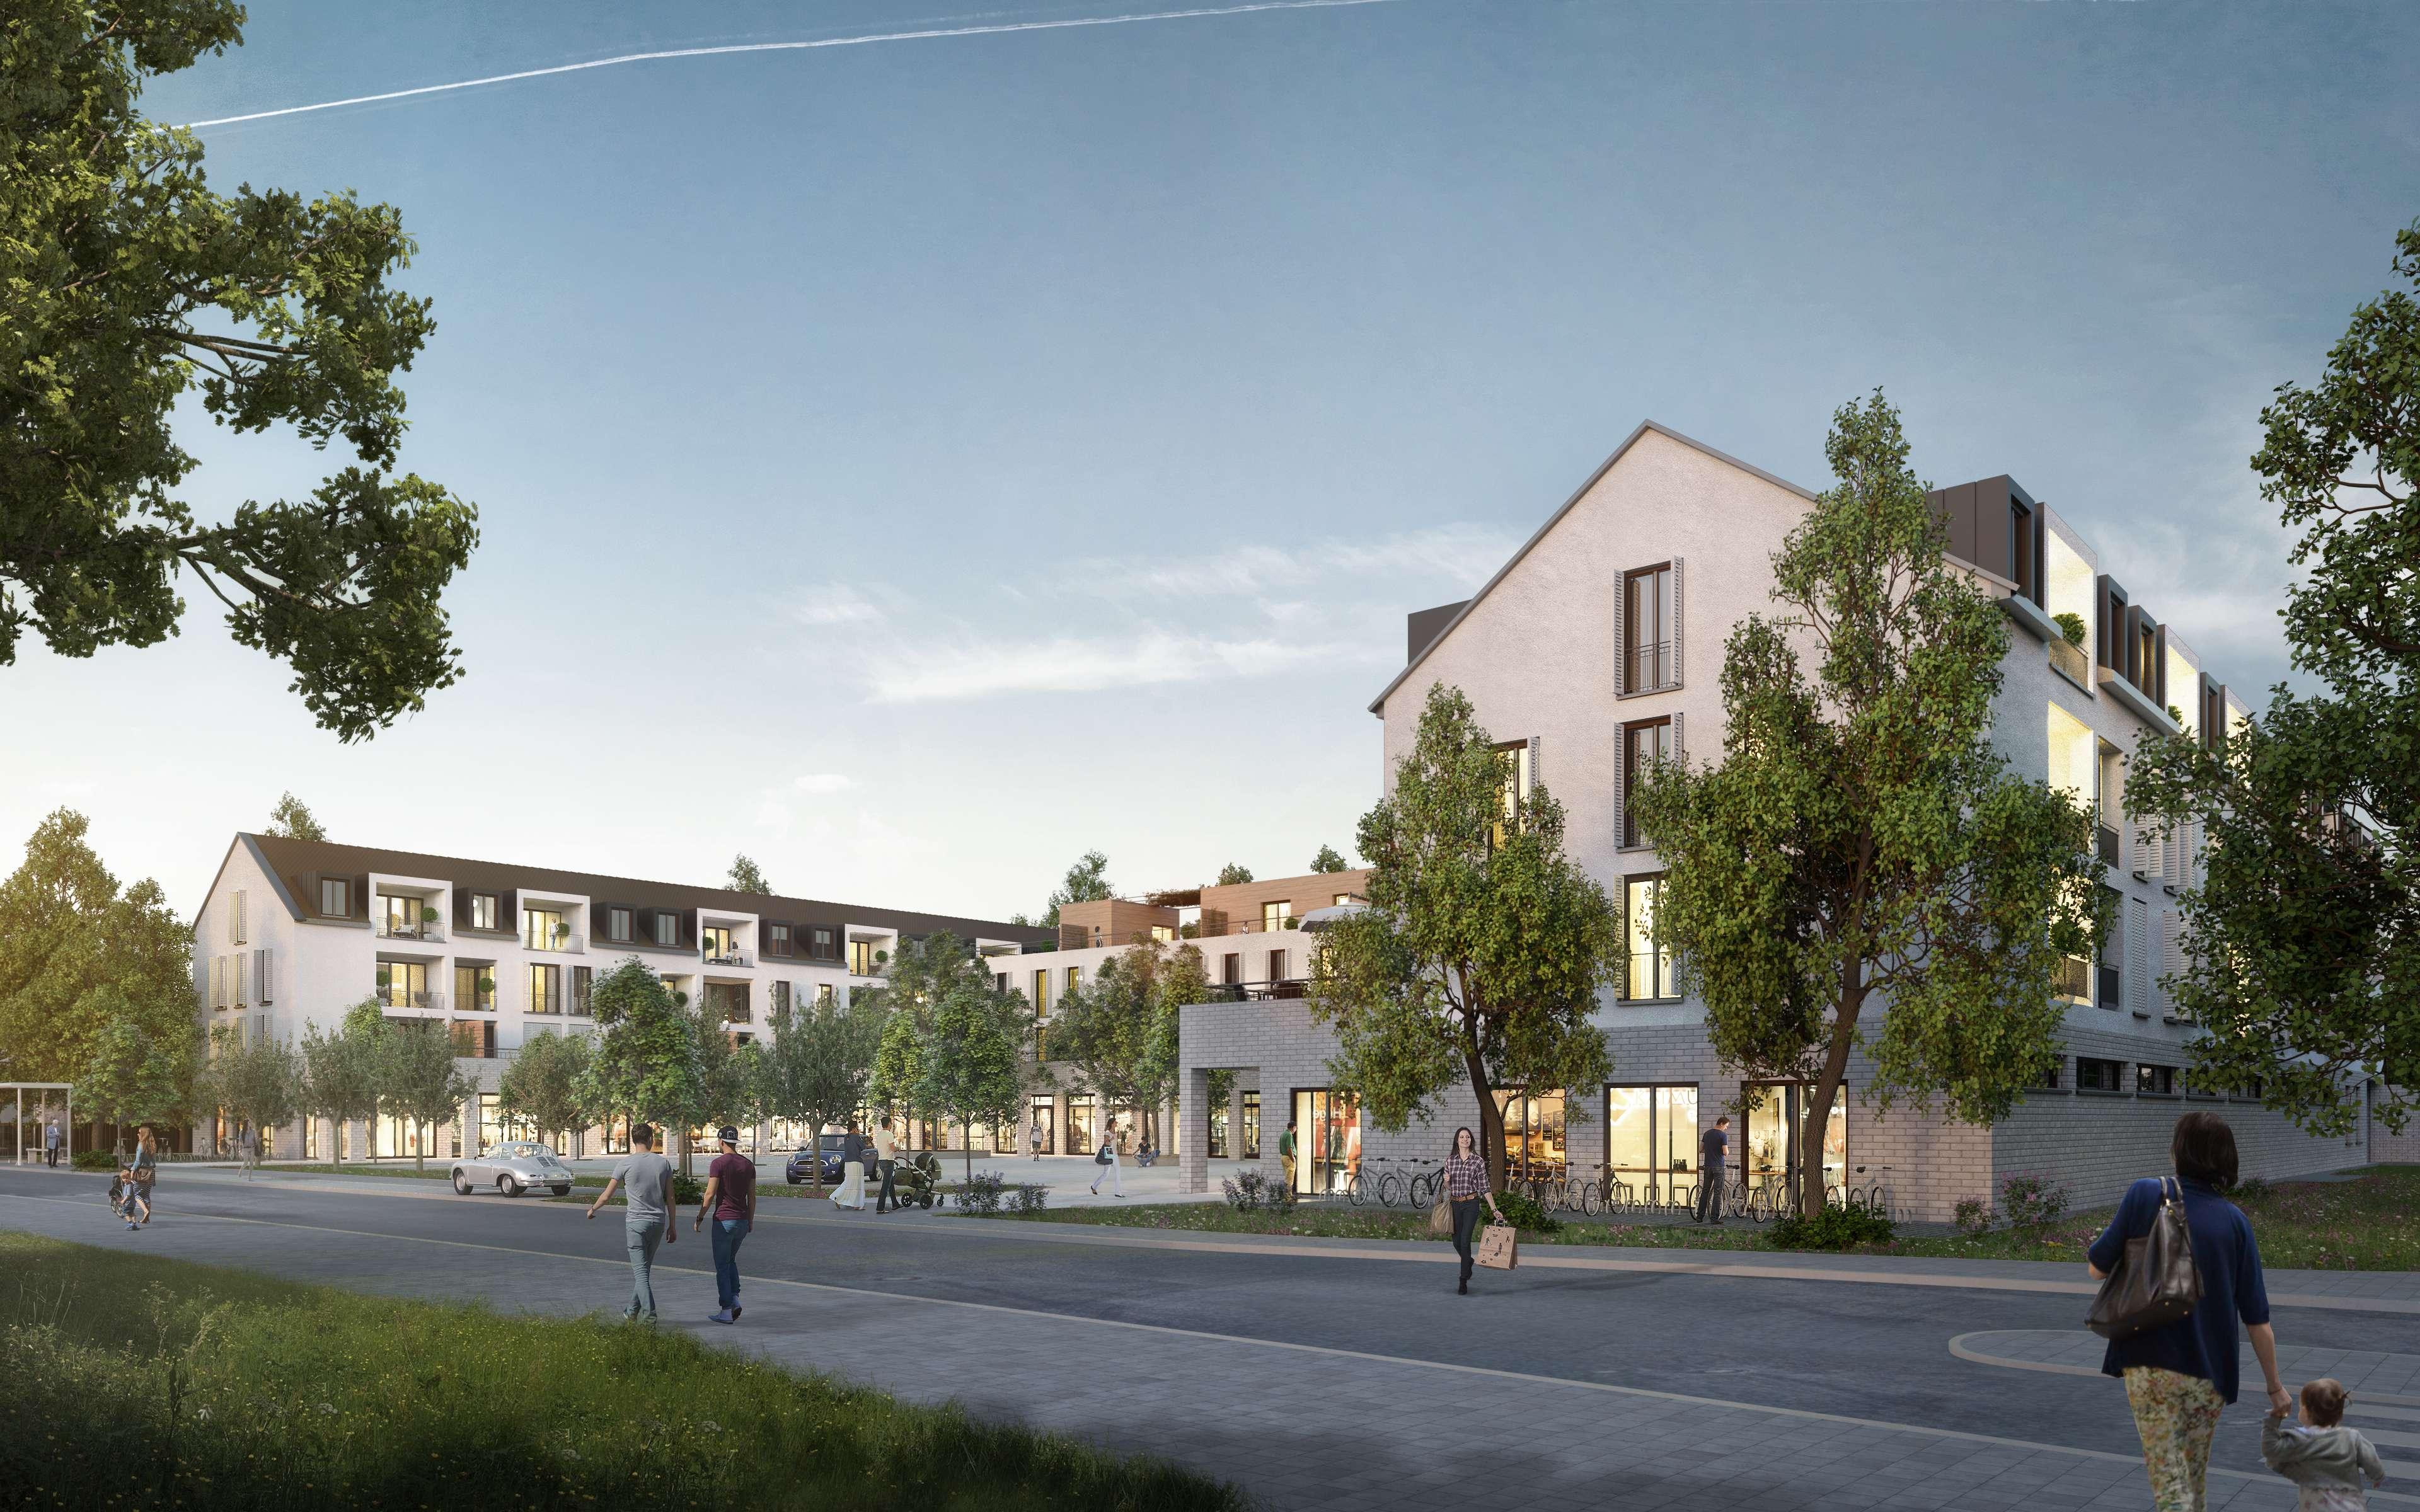 Erstbezug! Luxuriöse 4-Zi-Wohnung mit Dachterrasse AB SOFORT zu vermieten in Obergiesing (München)